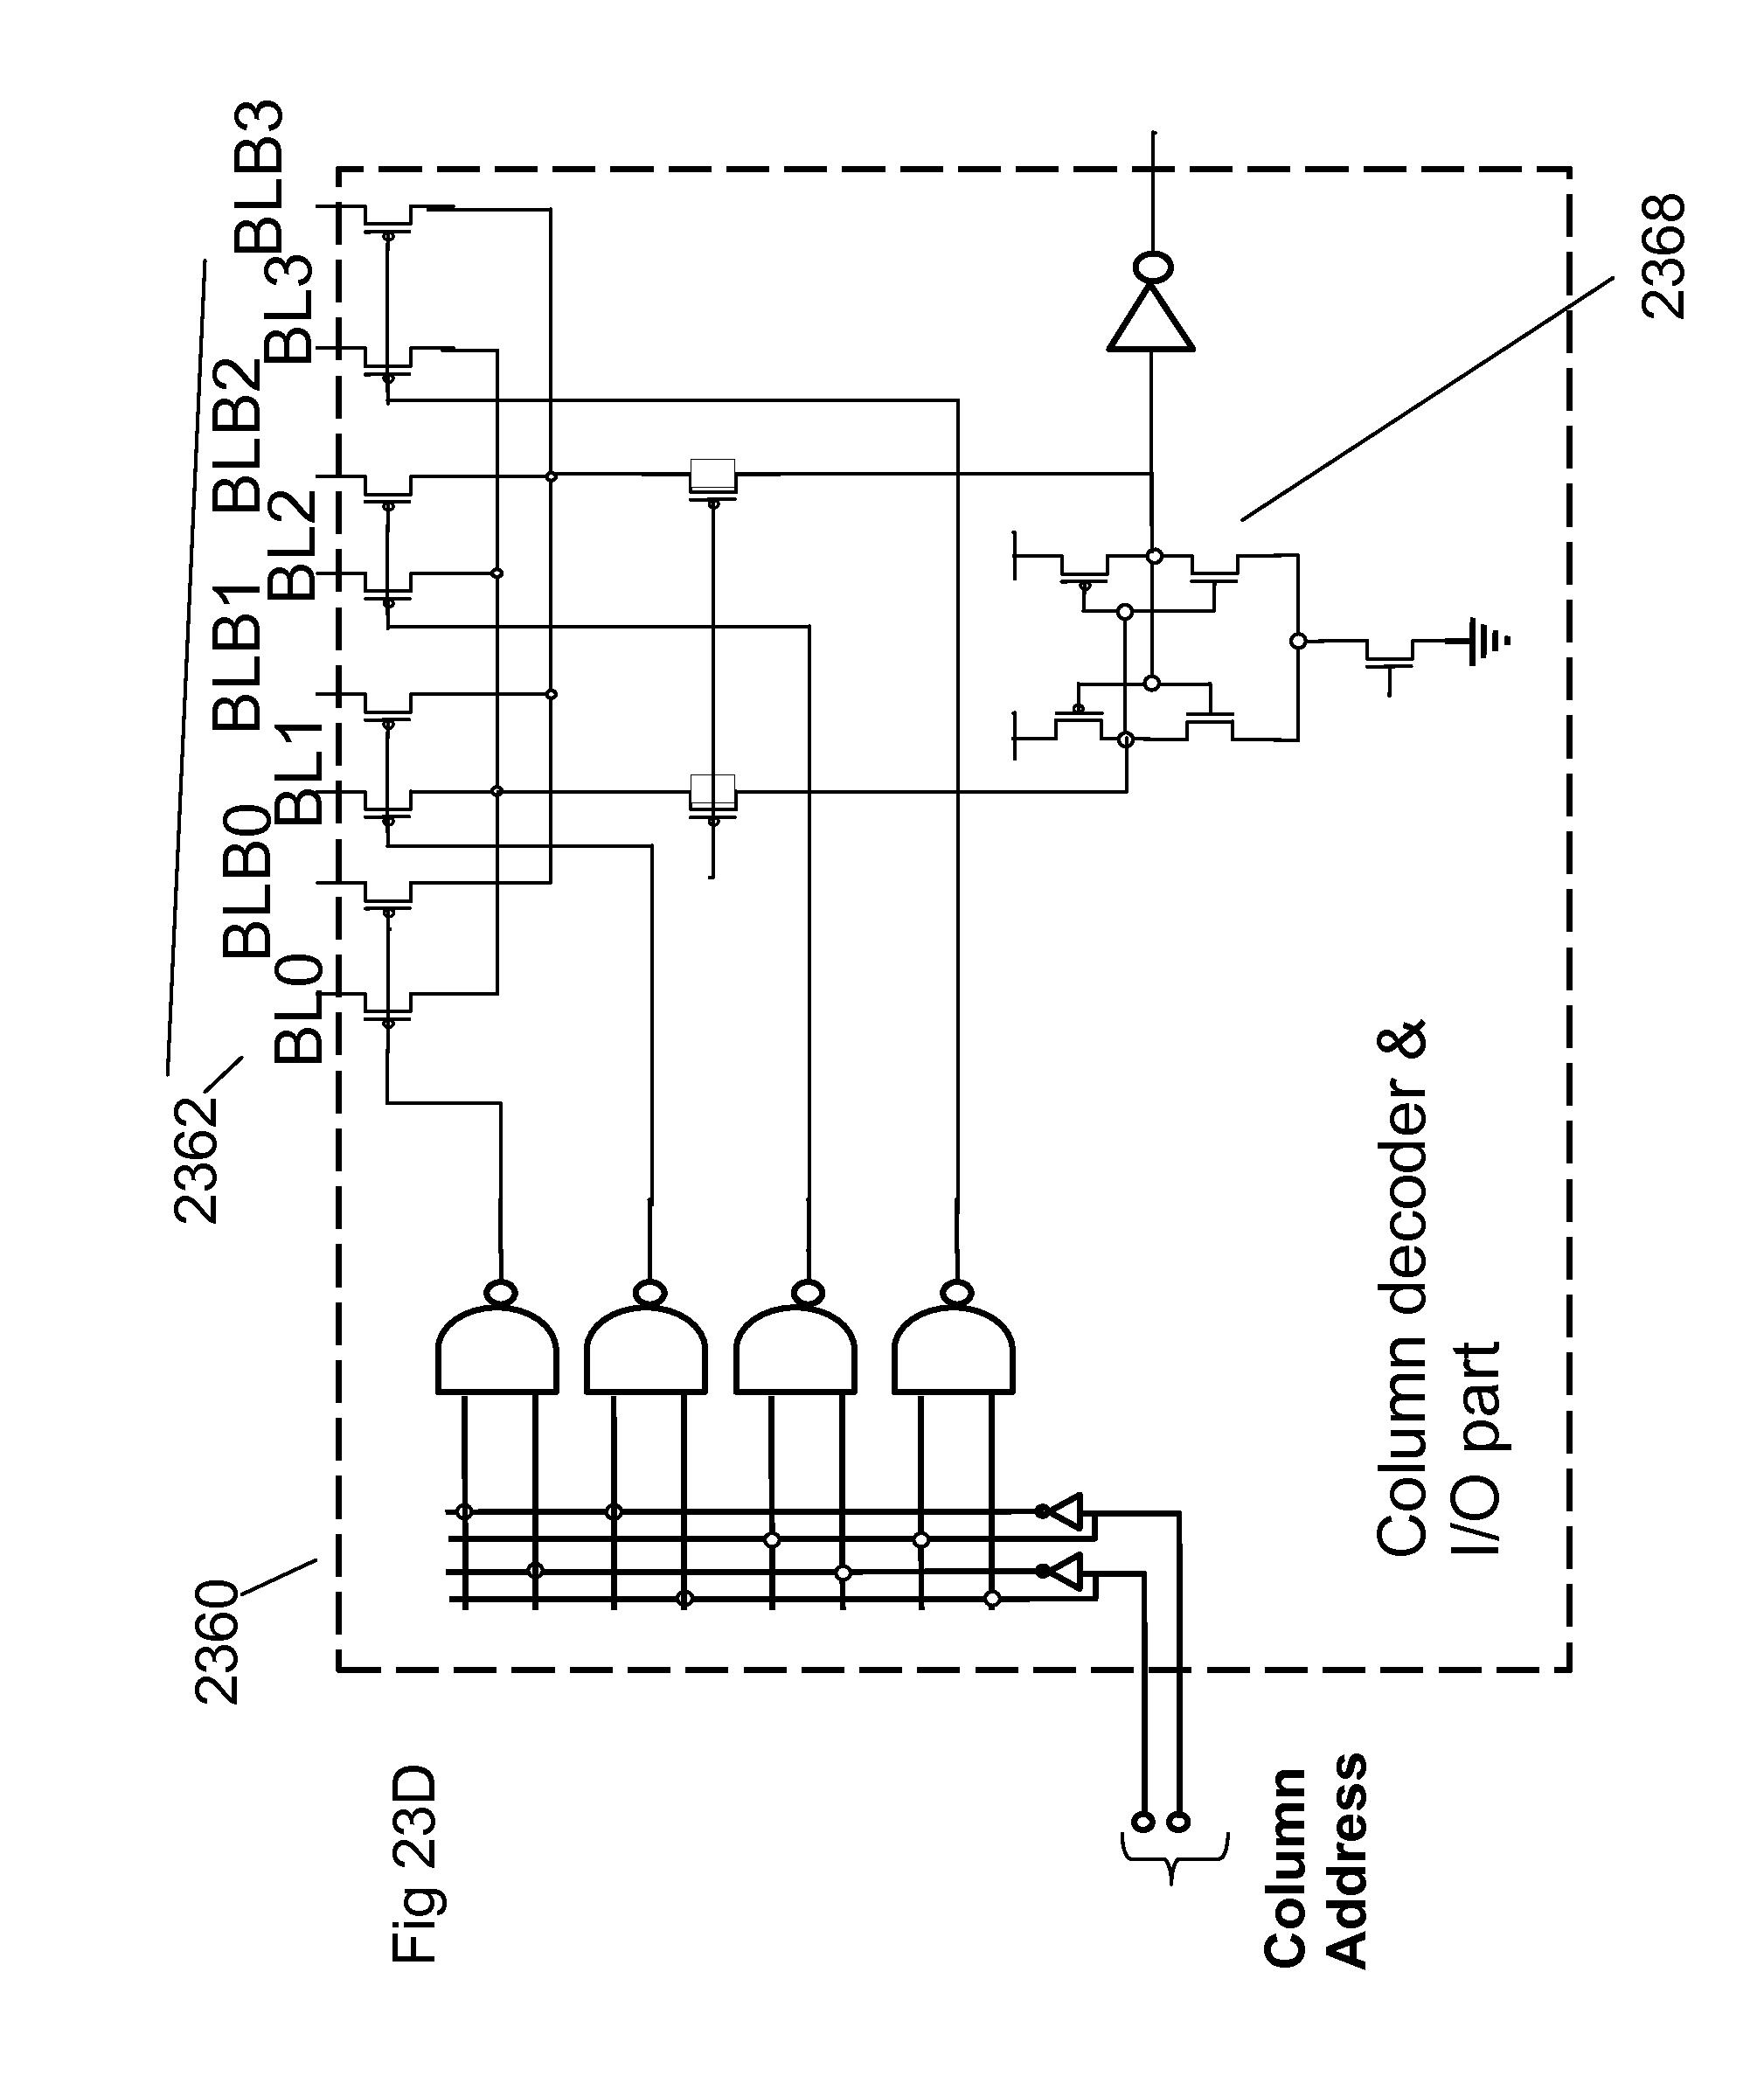 remote flash trigger circuit diagram tradeoficcom